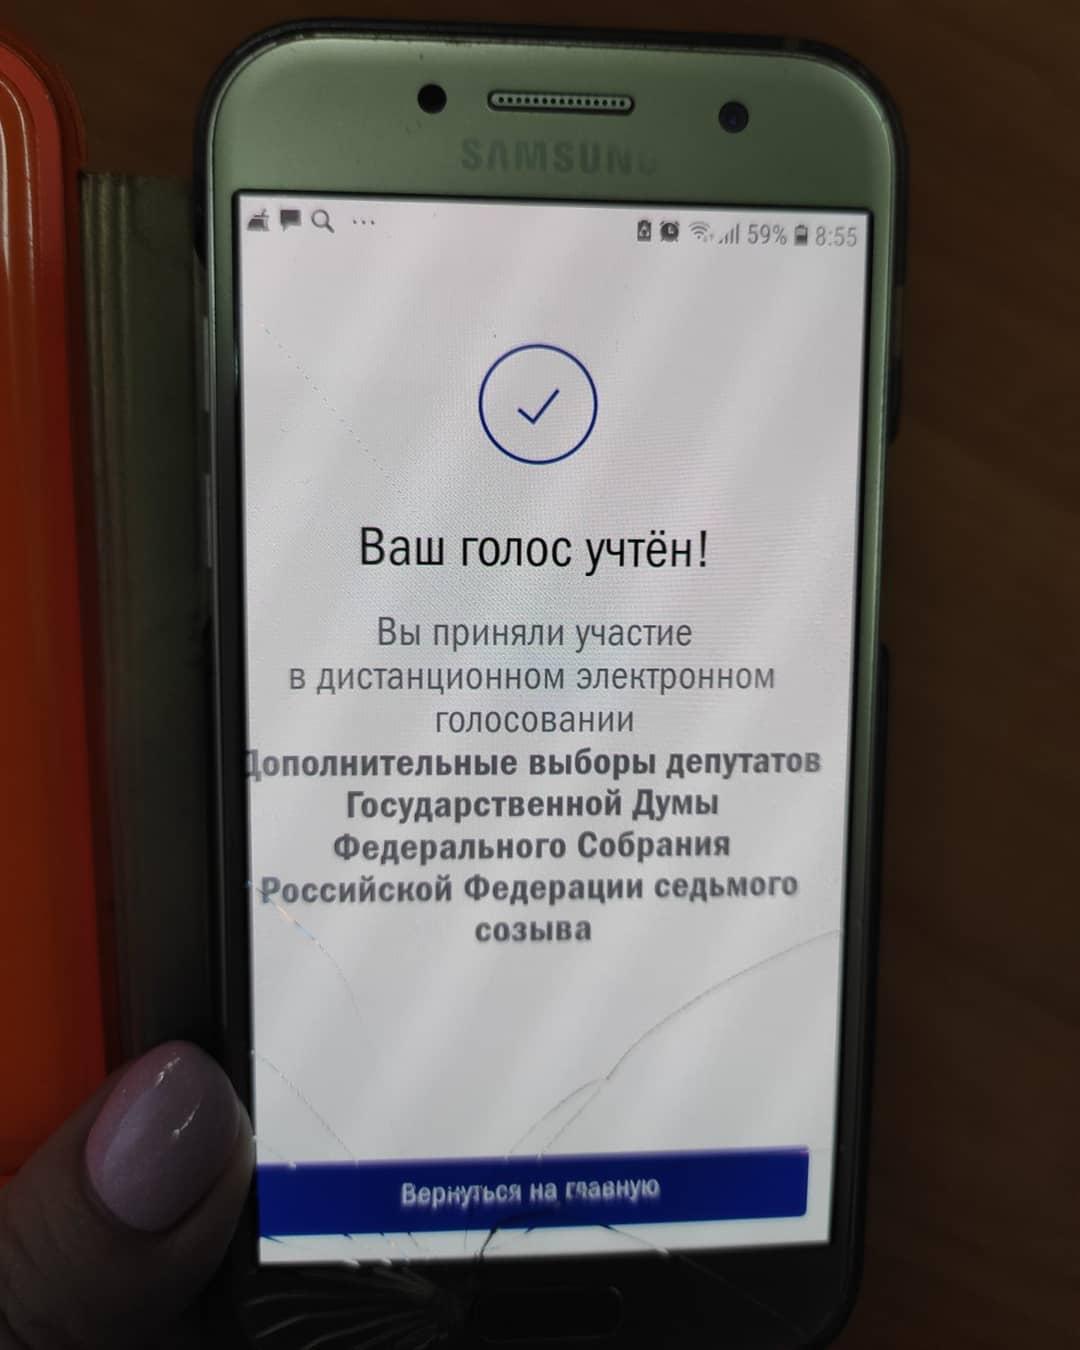 Светлана Ахметдинова о голосовании онлайн: это очень удобно и быстро!